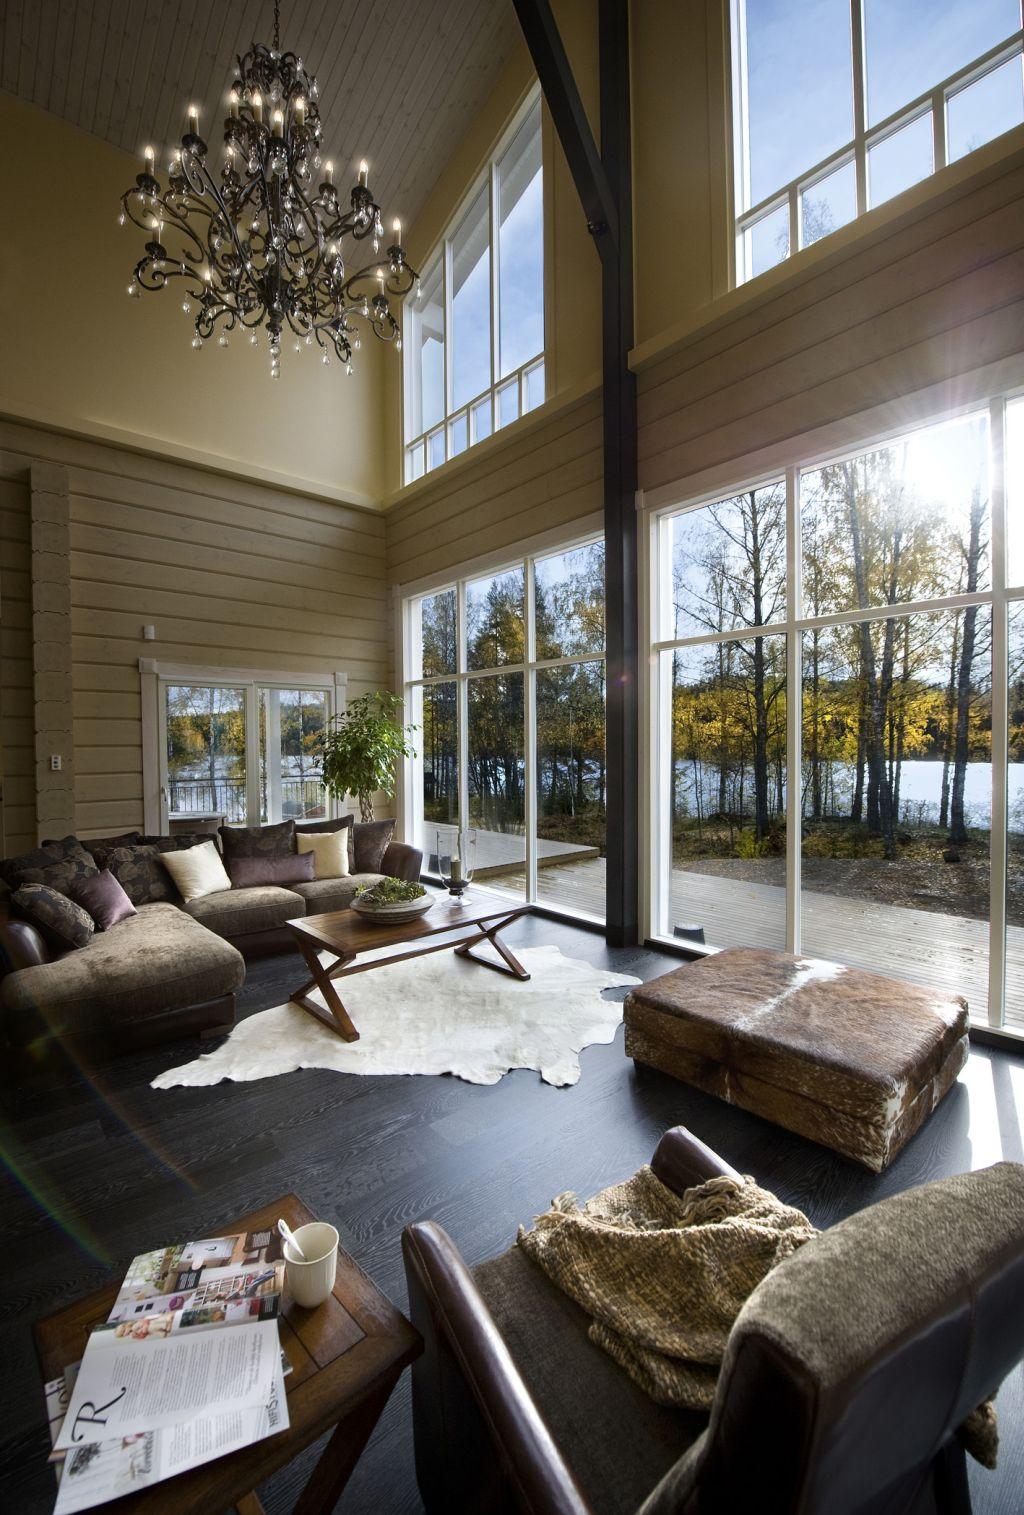 Interior de casa Honka cu suprafete de geam generoase